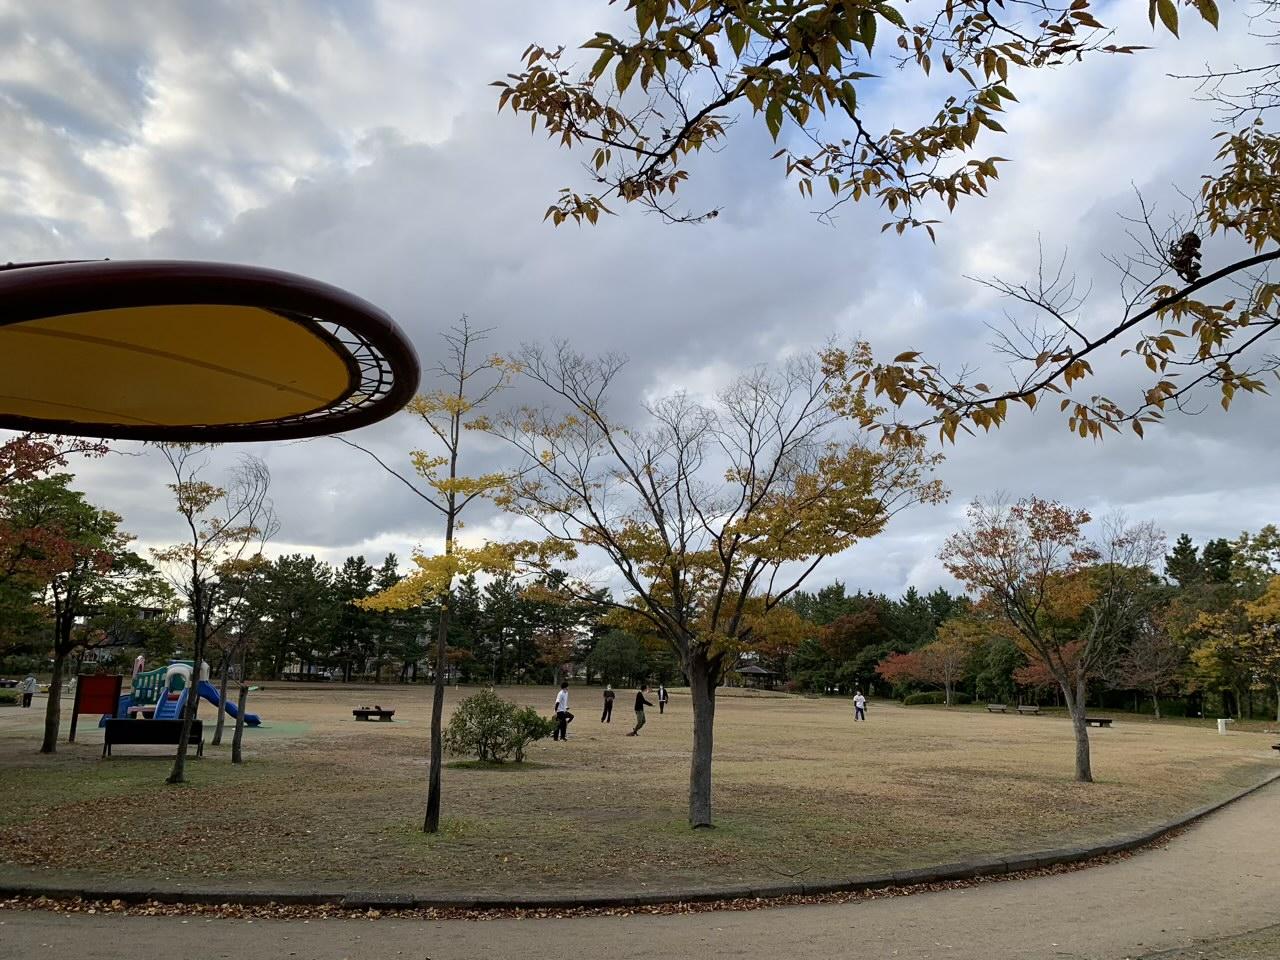 新潟県立鳥屋野潟公園|鐘木地区の雰囲気とは?